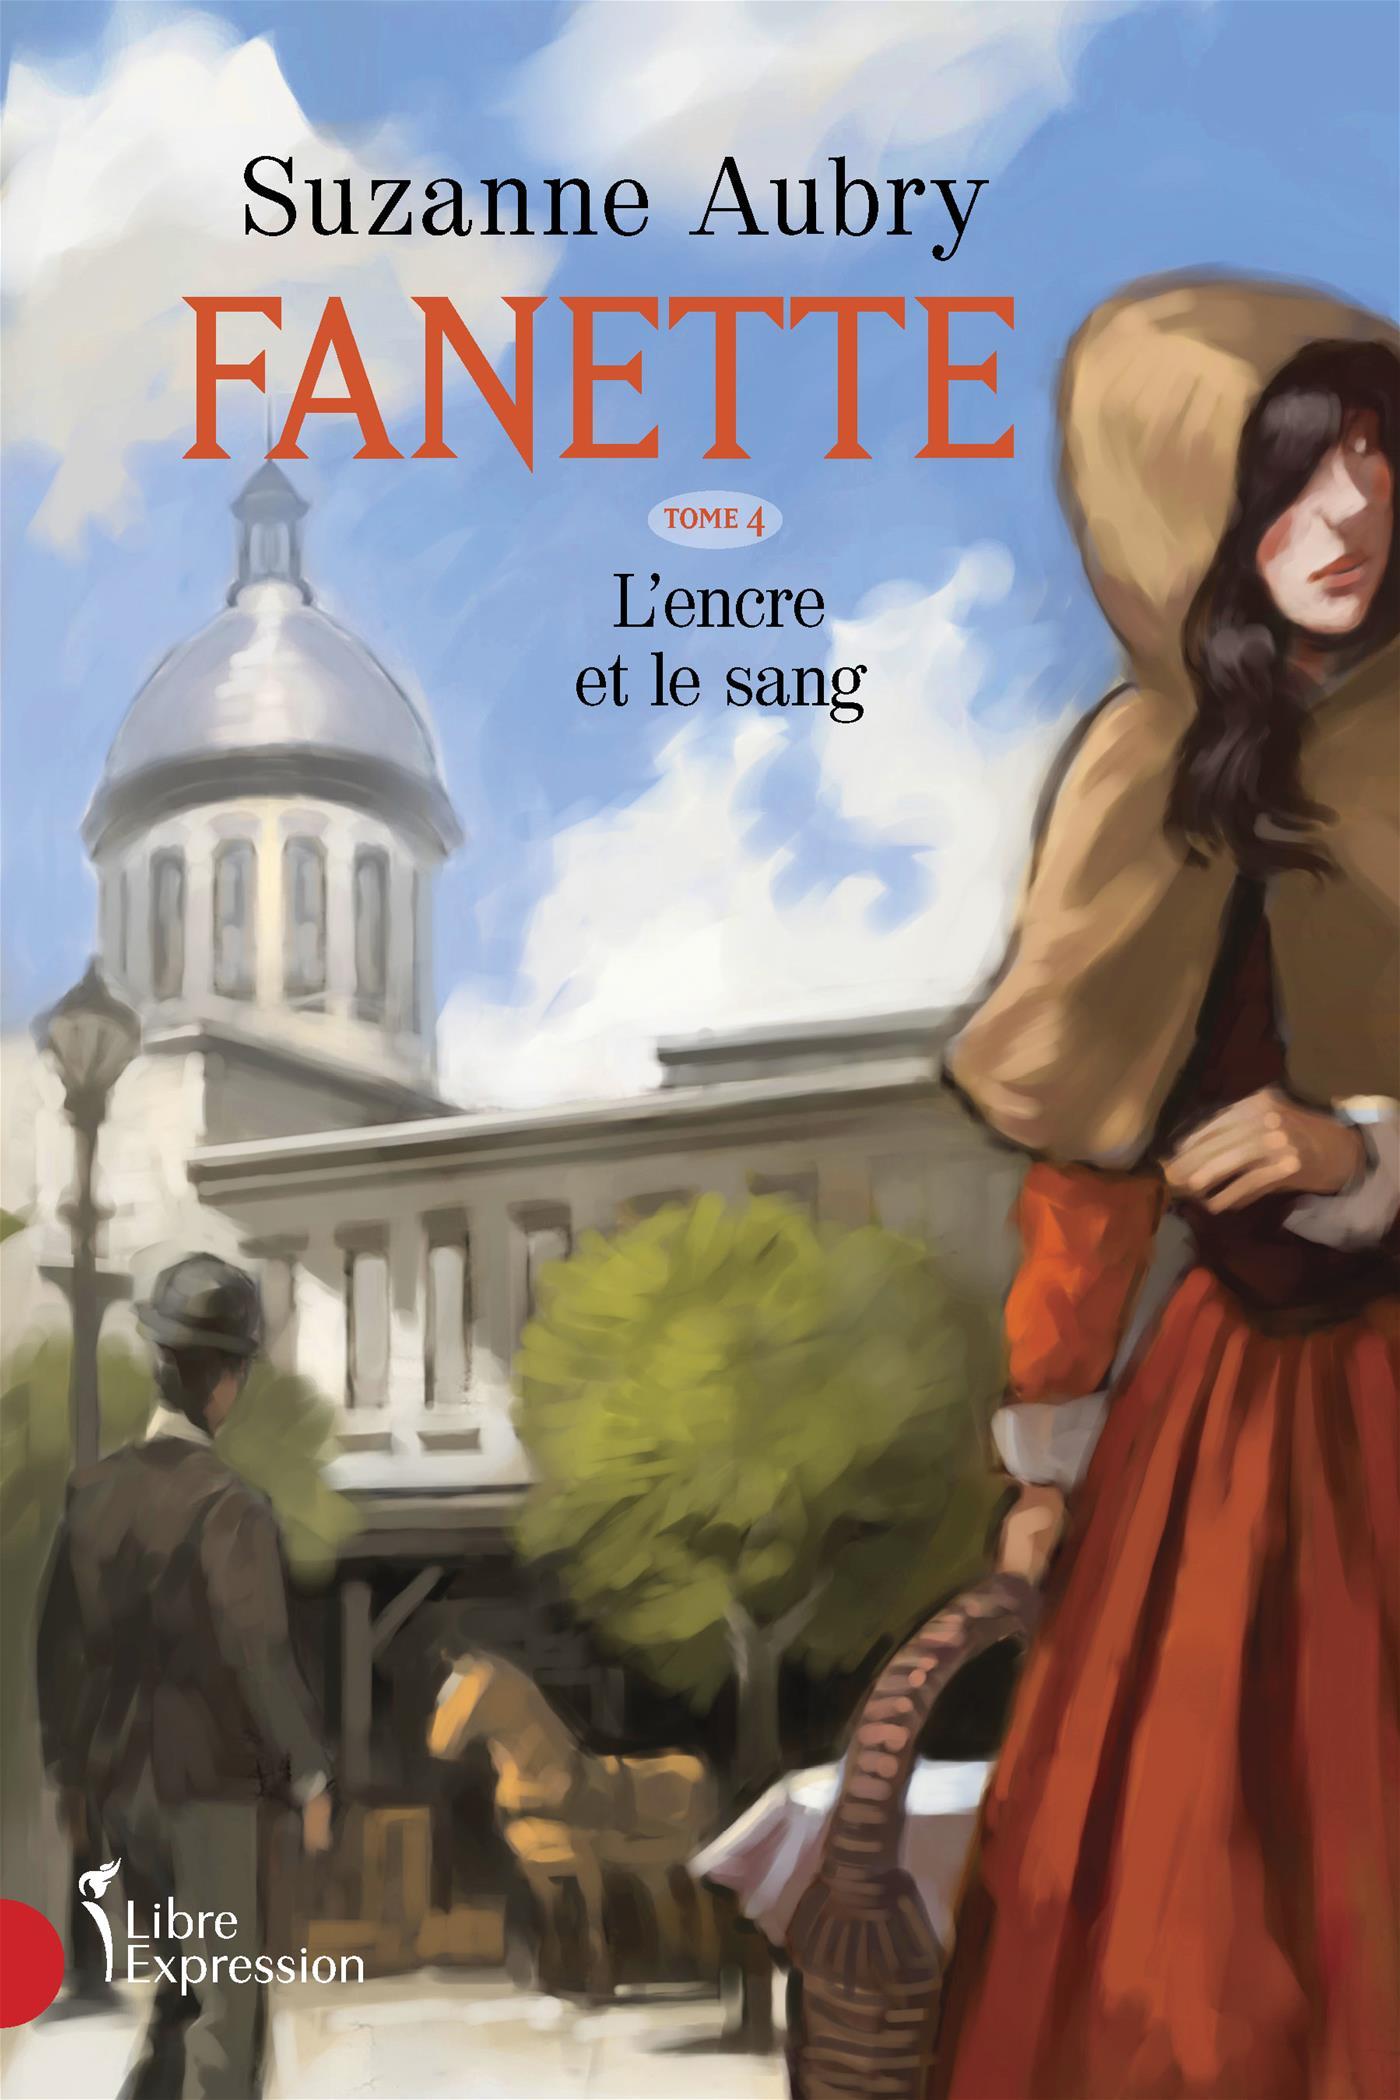 Fanette, tome 4